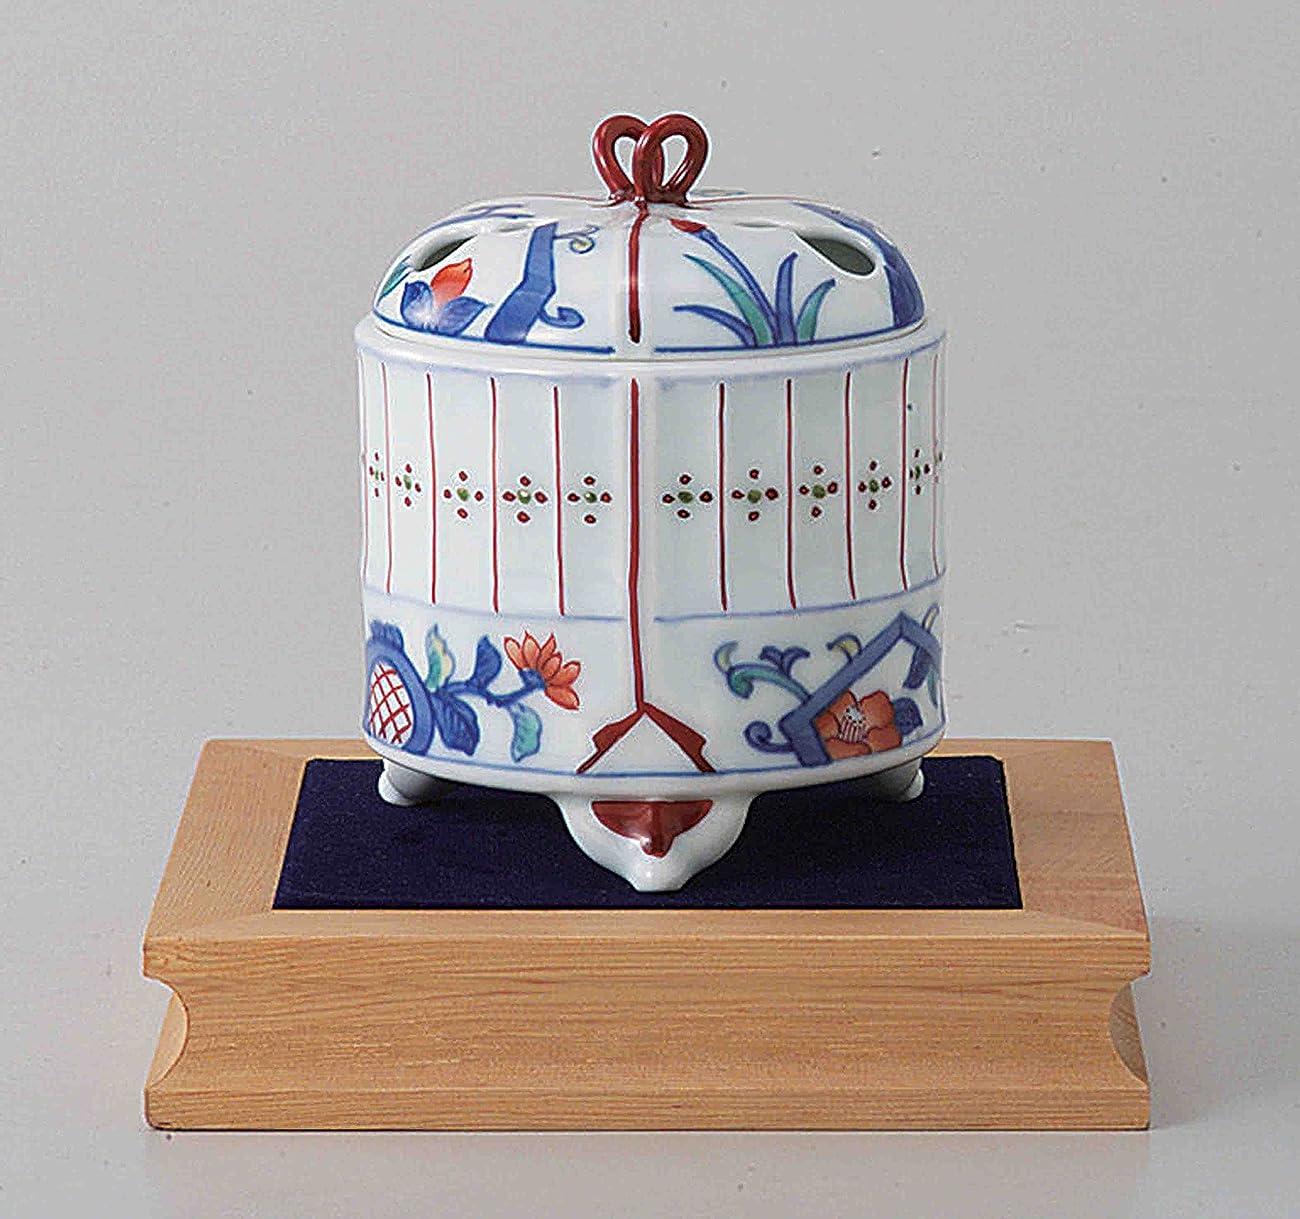 コミュニティ運命インポート東京抹茶Selection?–?[プレミアム] Arita Porcelain Cencer : Insectケージ?–?Incense BurnerホルダーWベース&ボックス日本から[ EMSで発送標準: withトラッキング&保険]